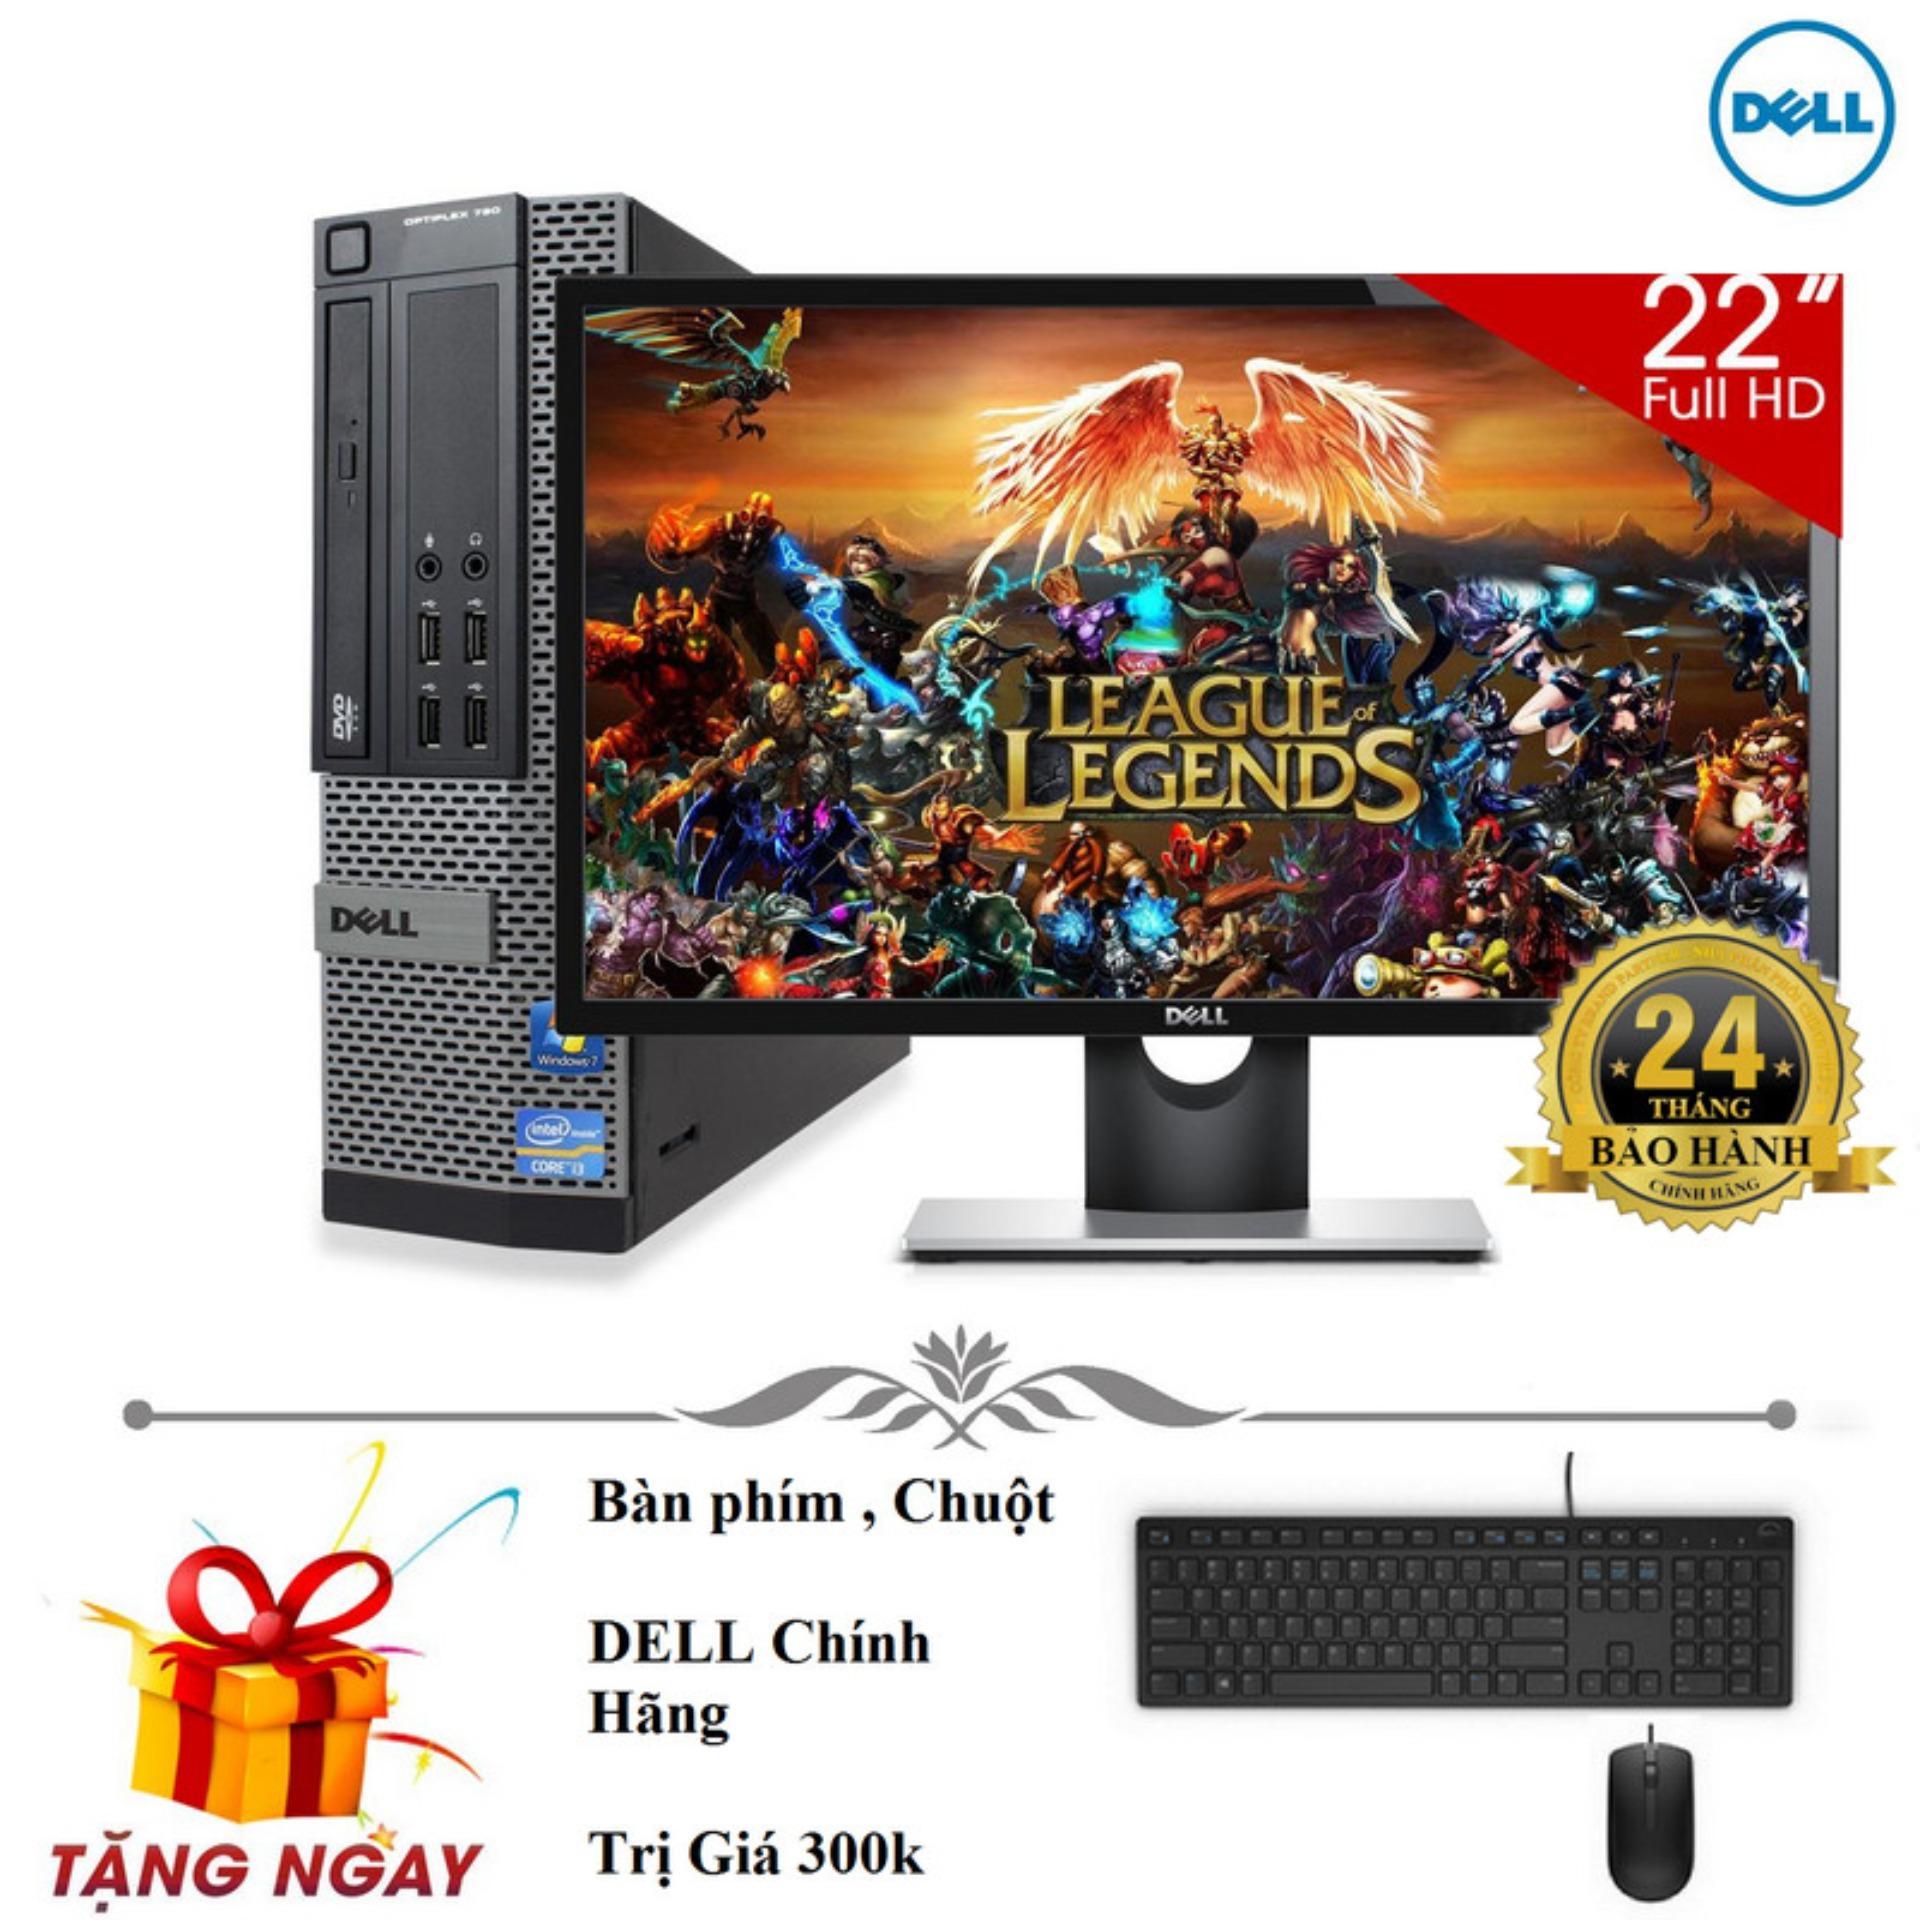 Bộ máy tính để bàn Dell Optiplex 9010 Core i5 3470, Ram 8gb, HDD 500gb Và Màn hình máy tính Dell 22 inch. Chuyên dùng tin học văn phòng, vẽ đồ họa, chơi game, chạy bền bỉ 24/24.Quà tặng bàn phím, chuột DELL, usb wifi. Bảo hành 2 năm.Hàng Nhập Khẩu